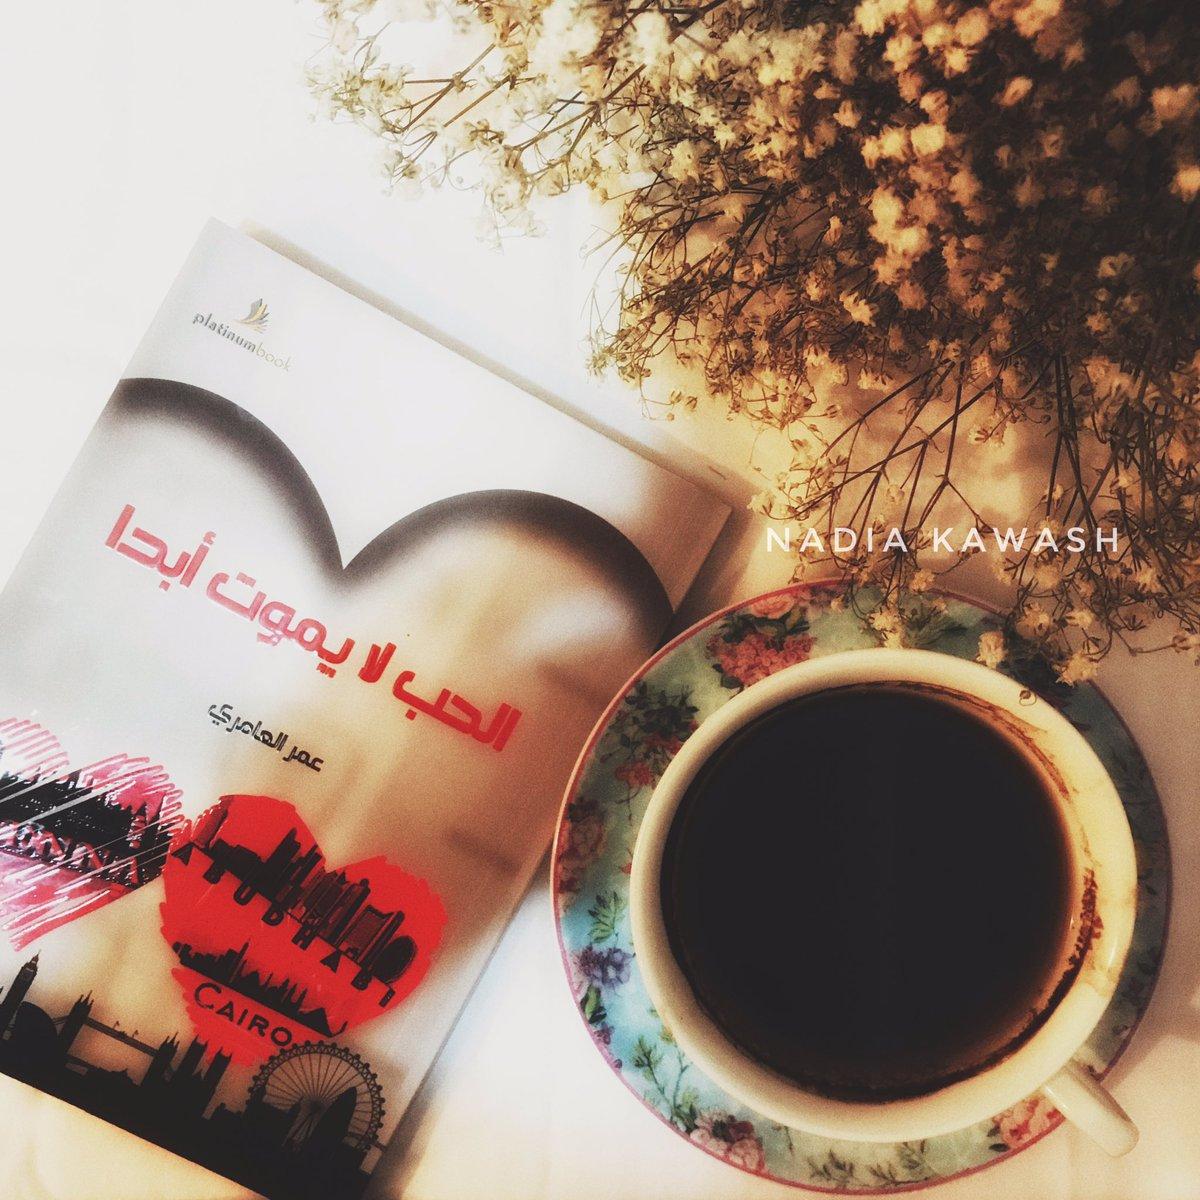 مجموعة قصصية للمبدع #عمر_العامري  مع نهاية  كل قصة في هذا الكتاب يوصلنا المؤلف للفكرة المحور وهي أن (الحب لا يمـوت أبداً) ♥️  هل هو فعلاً كذلك؟ لا يموت؟؟؟❤️